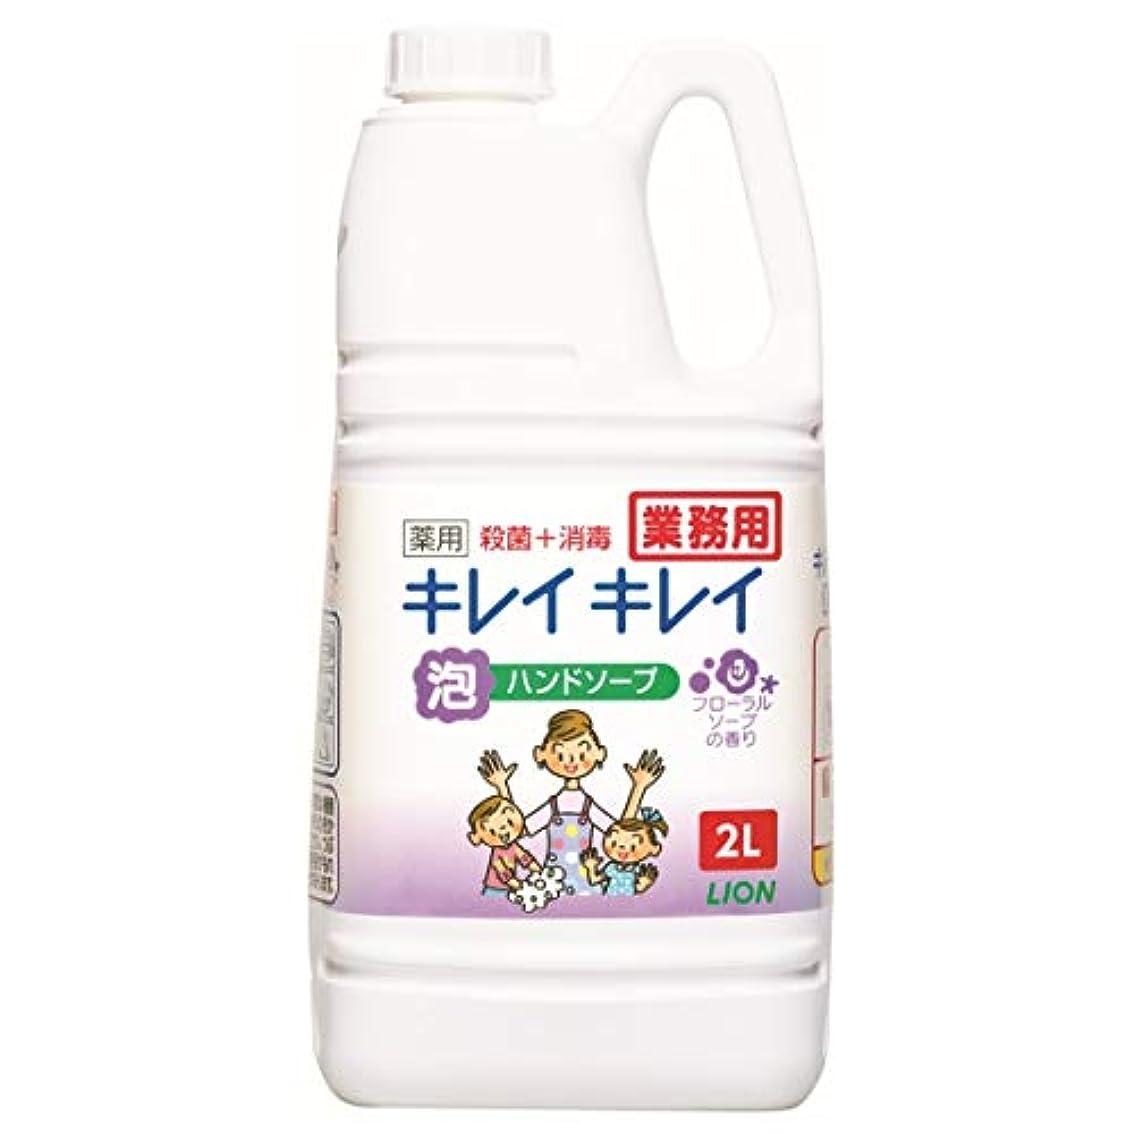 カウンタインタフェーストレーニング【大容量】キレイキレイ 薬用泡ハンドソープ フローラルソープの香り 2L